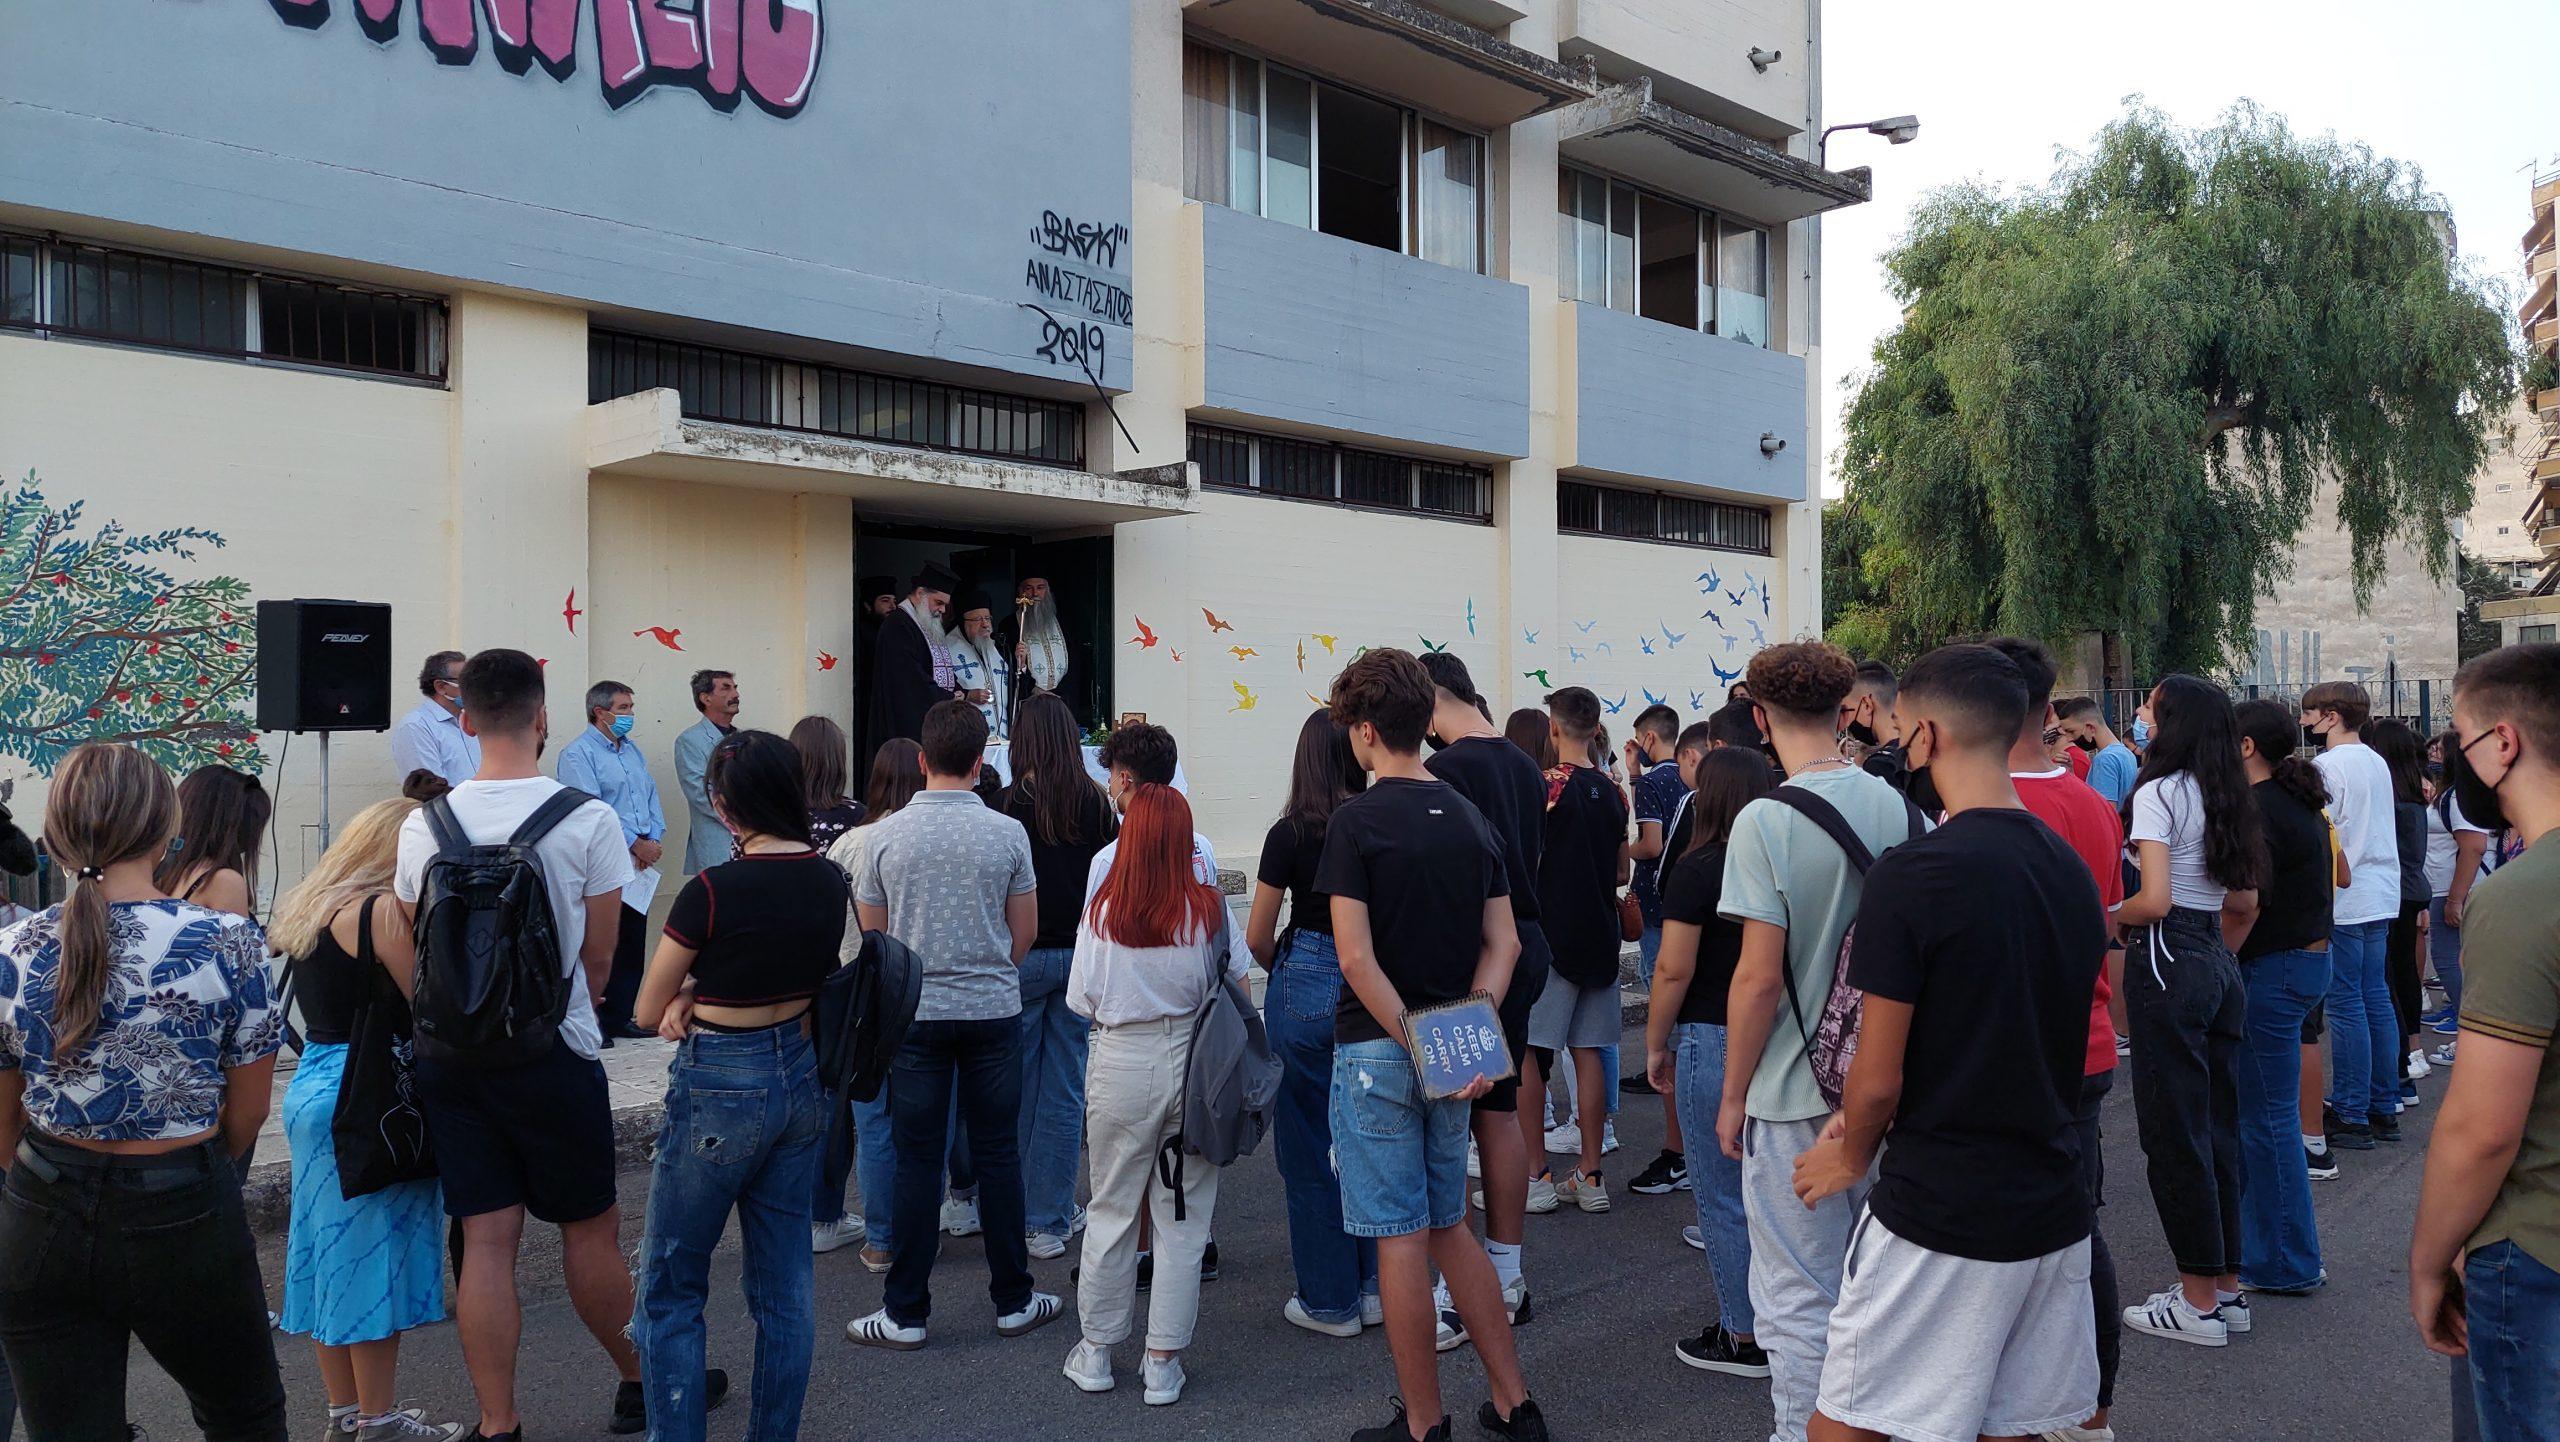 Αγρίνιο: Αγιασμός στο κοινωνικό φροντιστήριο-30 εθελοντές καθηγητές, ήδη 110 εγγραφές